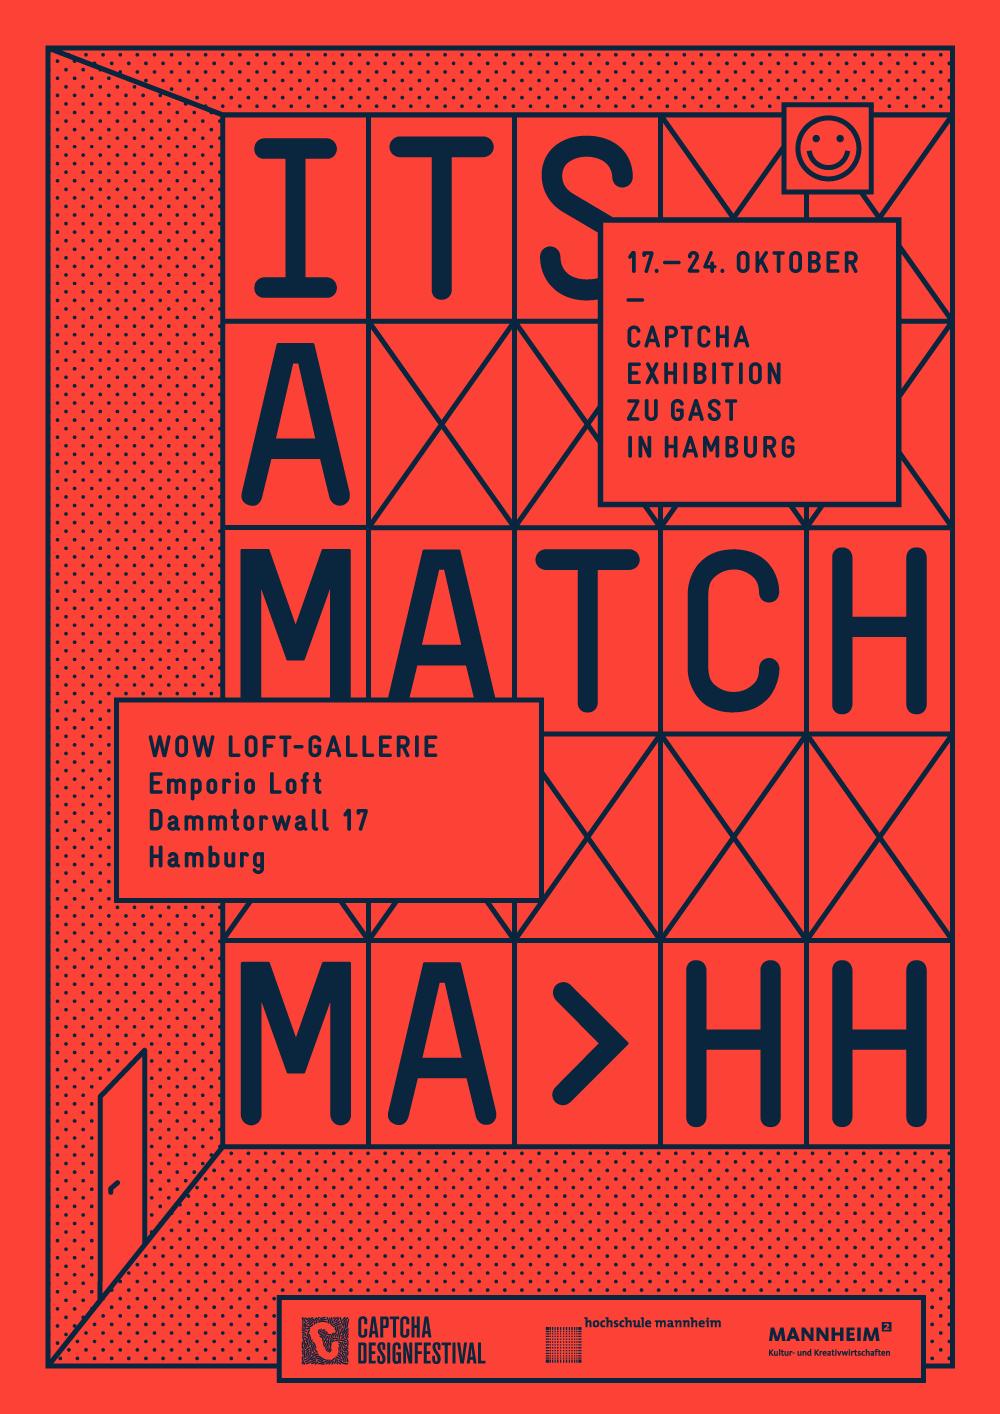 Captcha Designfestival